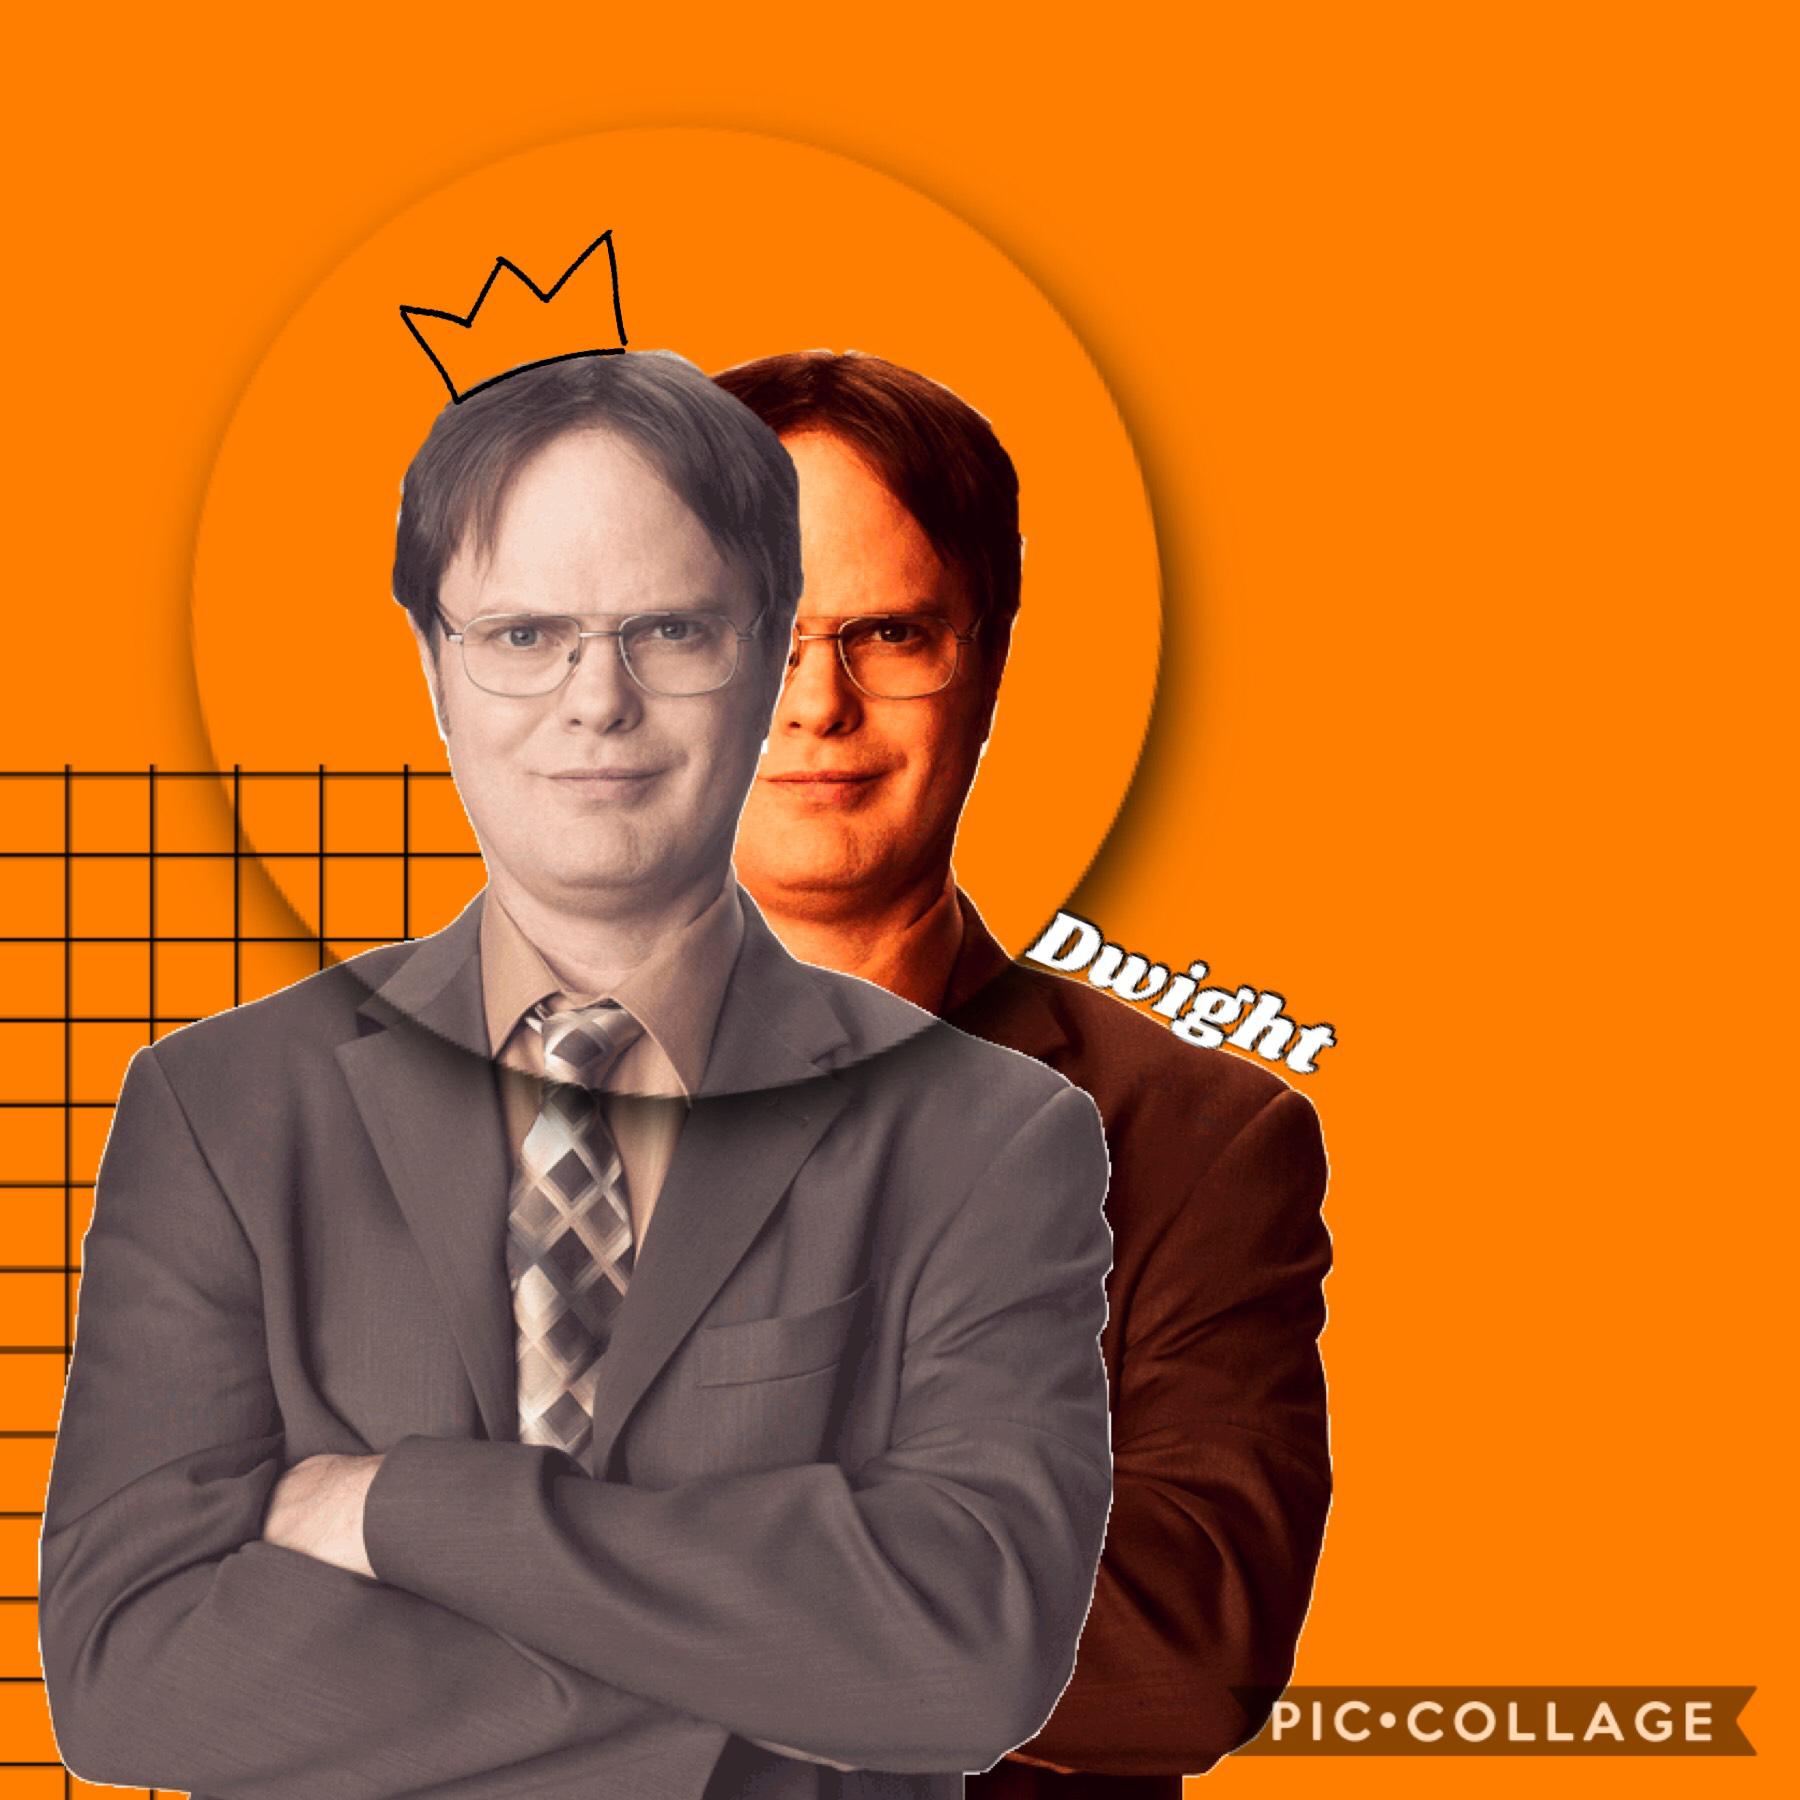 Dwight Kurt Schrute